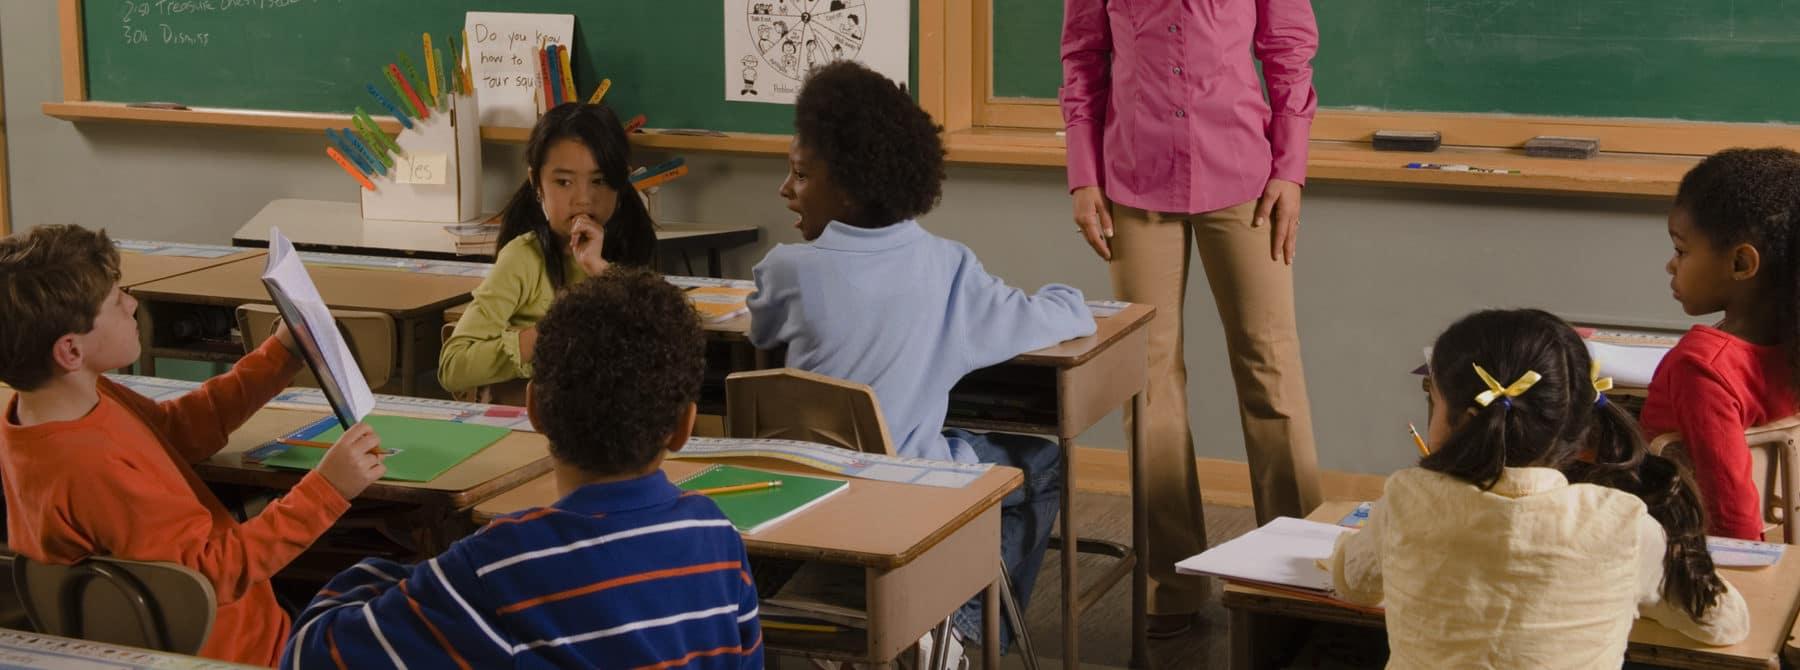 kids showing teacher answer